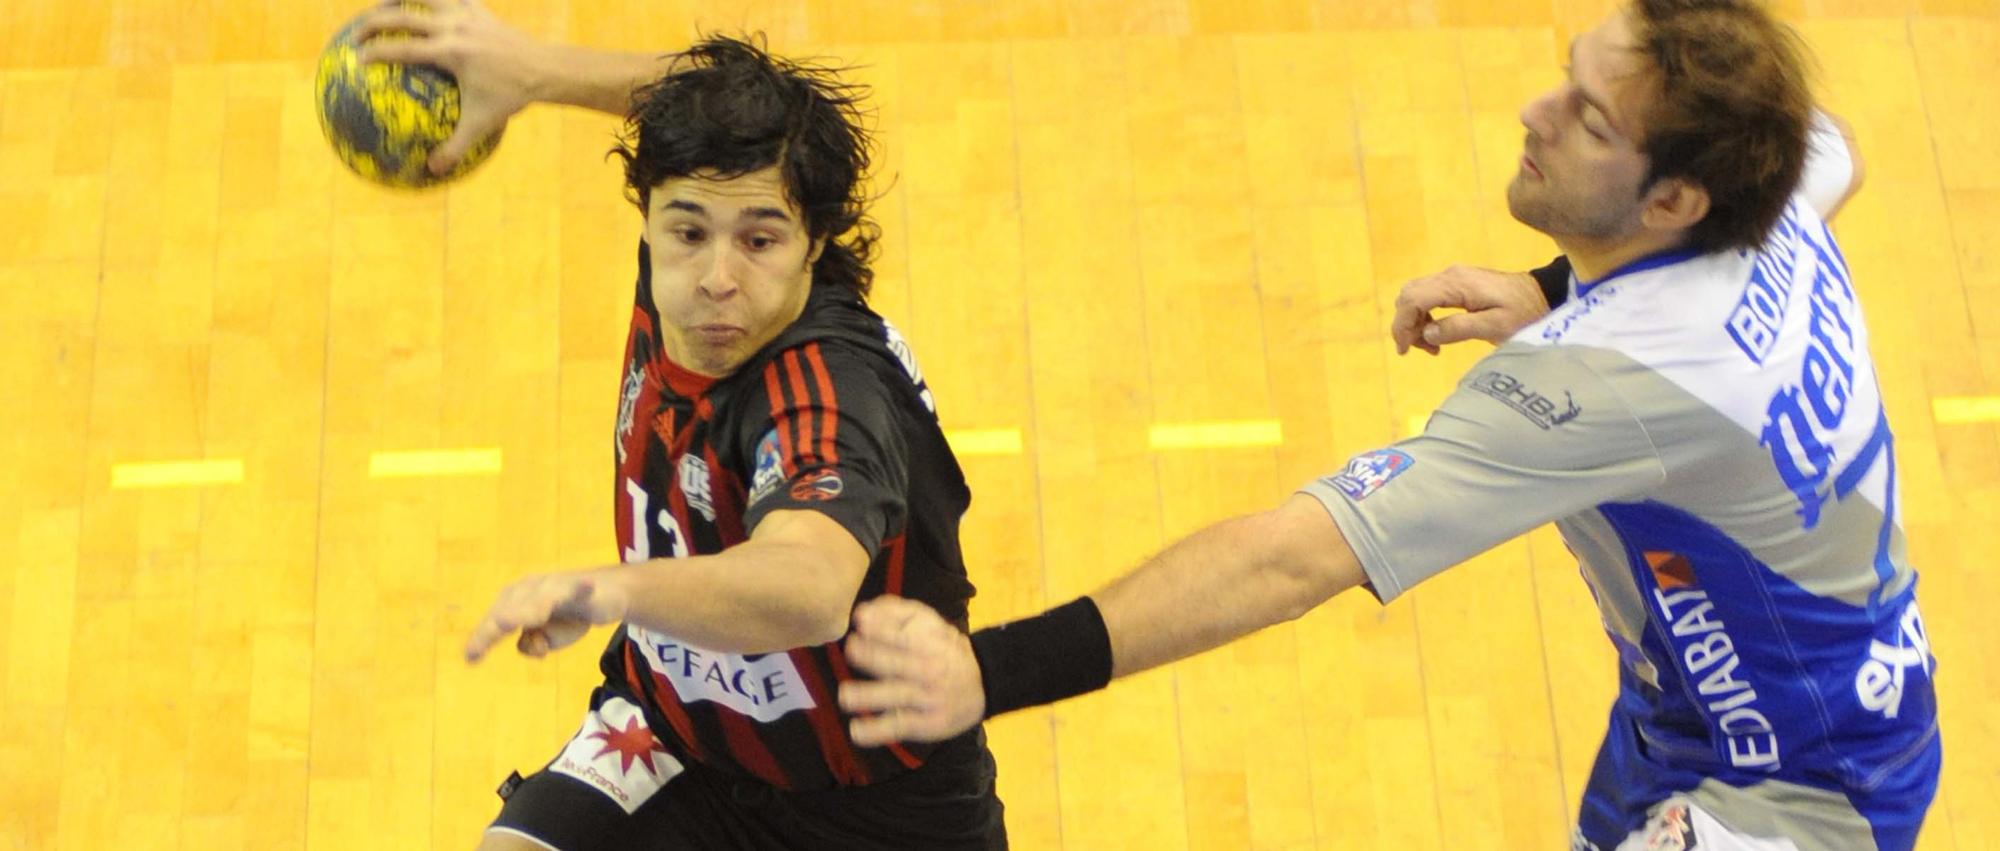 Guillaume Crépain a joué ses premiers matchs en professionnel avec Ivry lors de la saison 2005/2006.